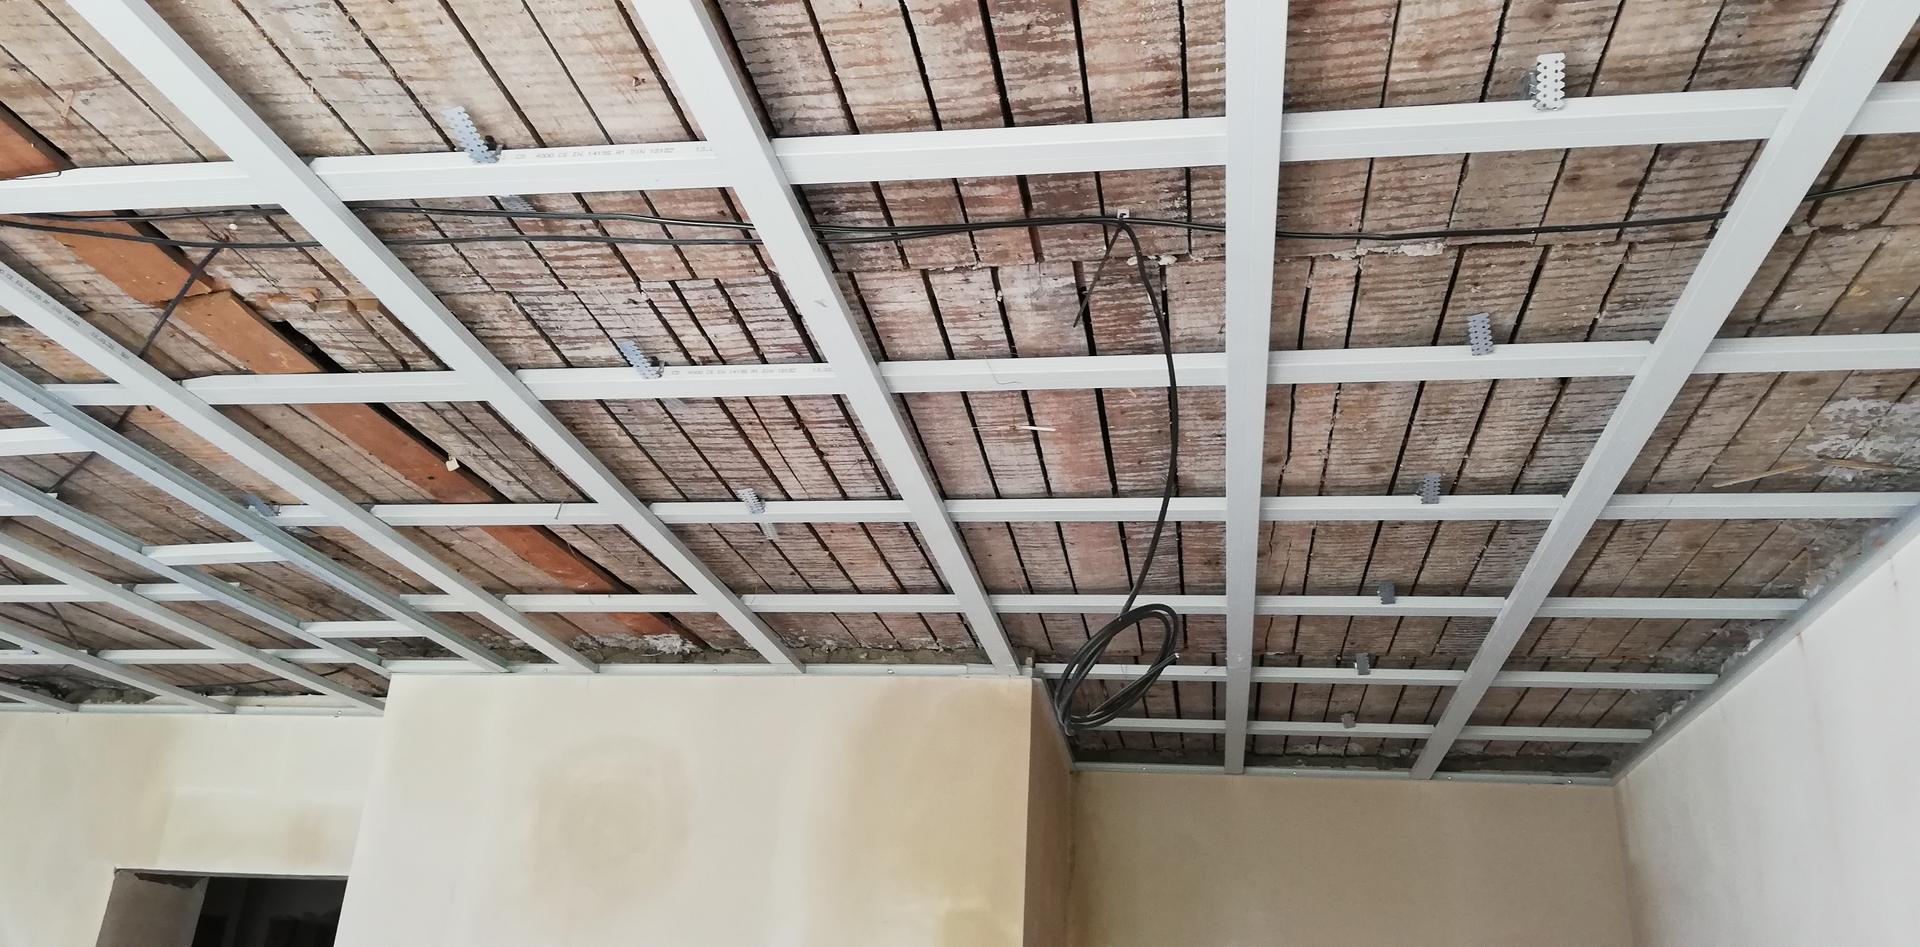 Rekonstrukce domečku ❤️ - Obrázek č. 68